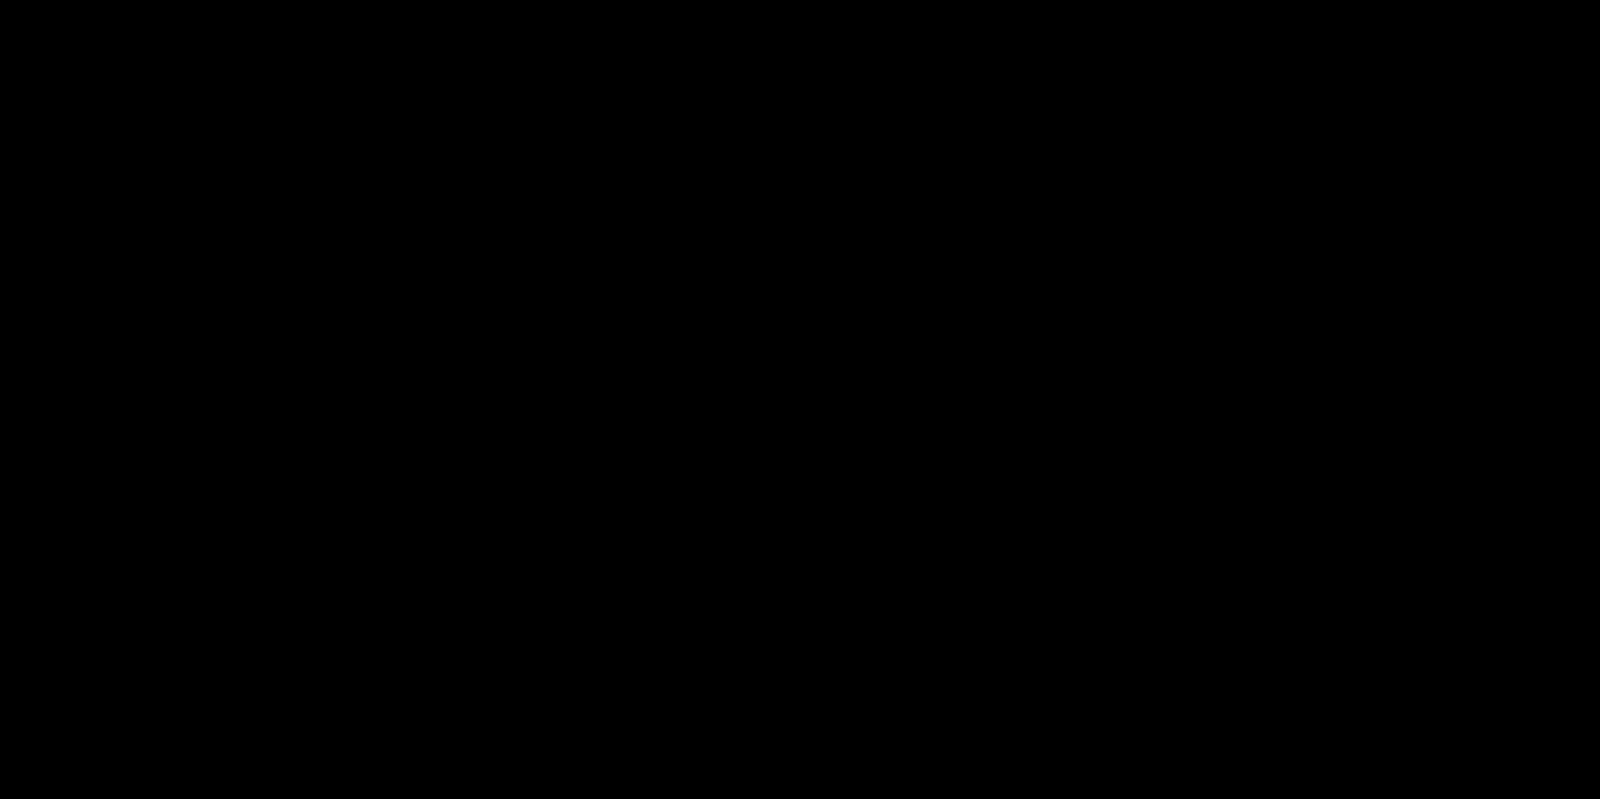 Il crogiuolo: al via venerdì 16 luglio la XIII edizione del NurArcheoFestival. Iaia Forte, Ascanio Celestini, Maria Paiato, Elena Bucci, fra i protagonisti